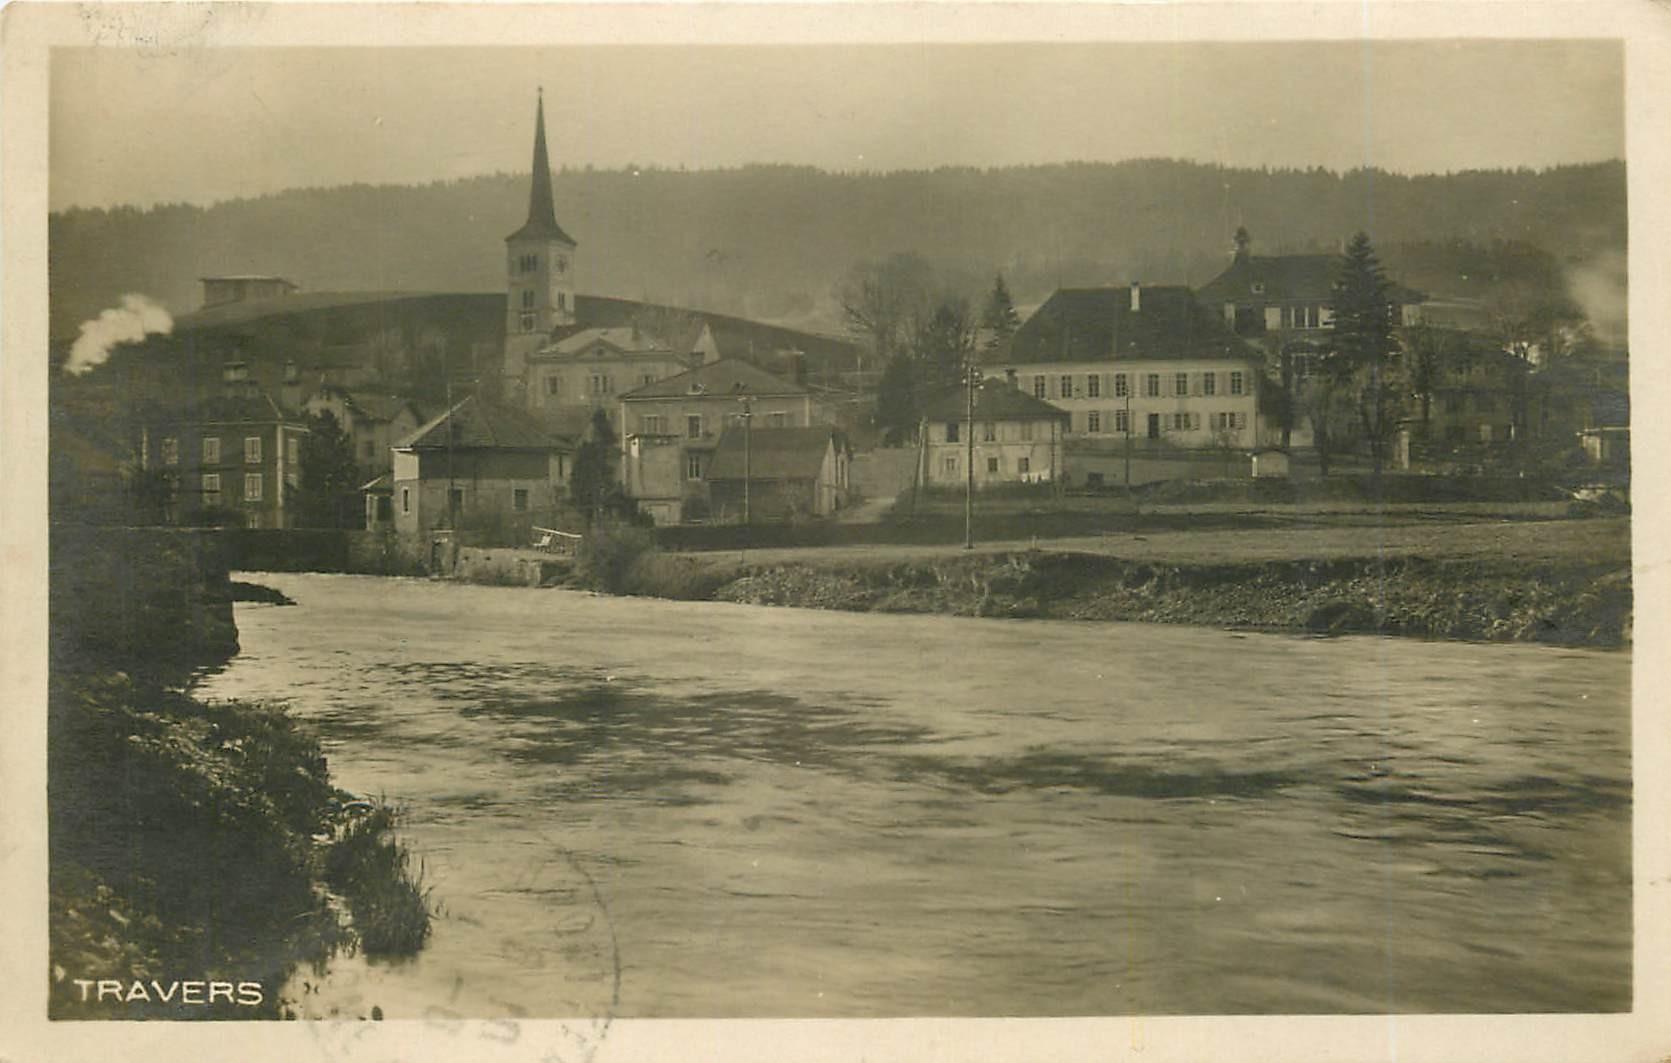 WW TRAVERS. Vue du Fleuve et de la Ville en Suisse 1925